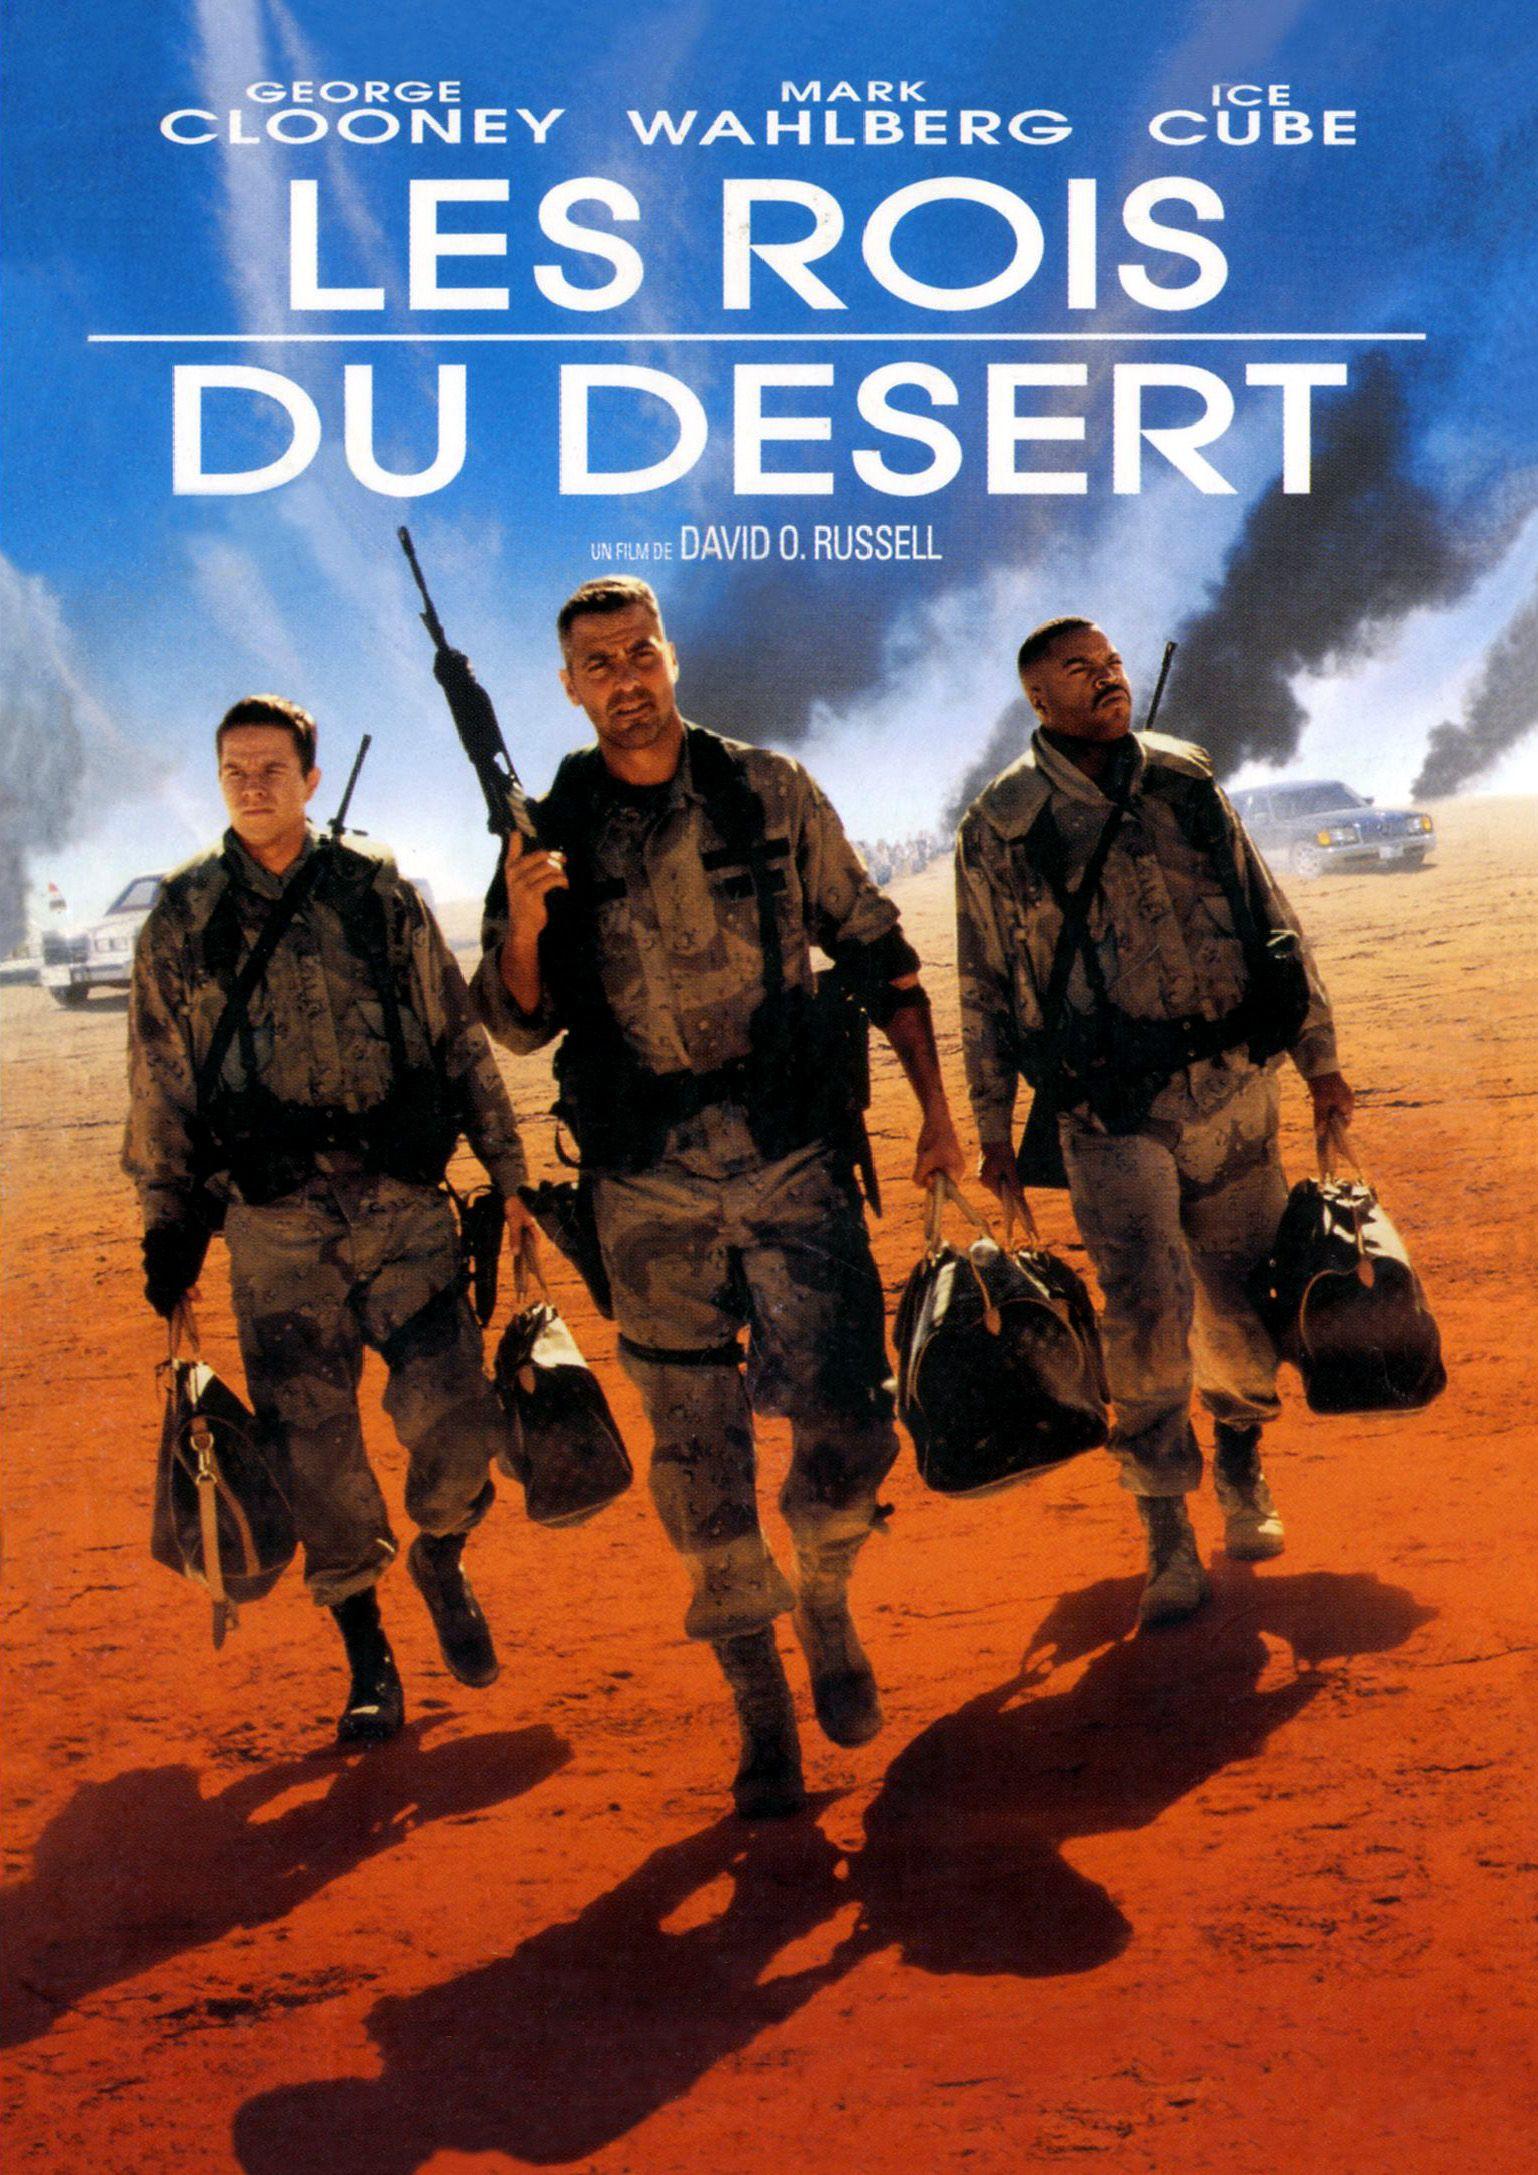 Les_Rois_du_desert.jpg